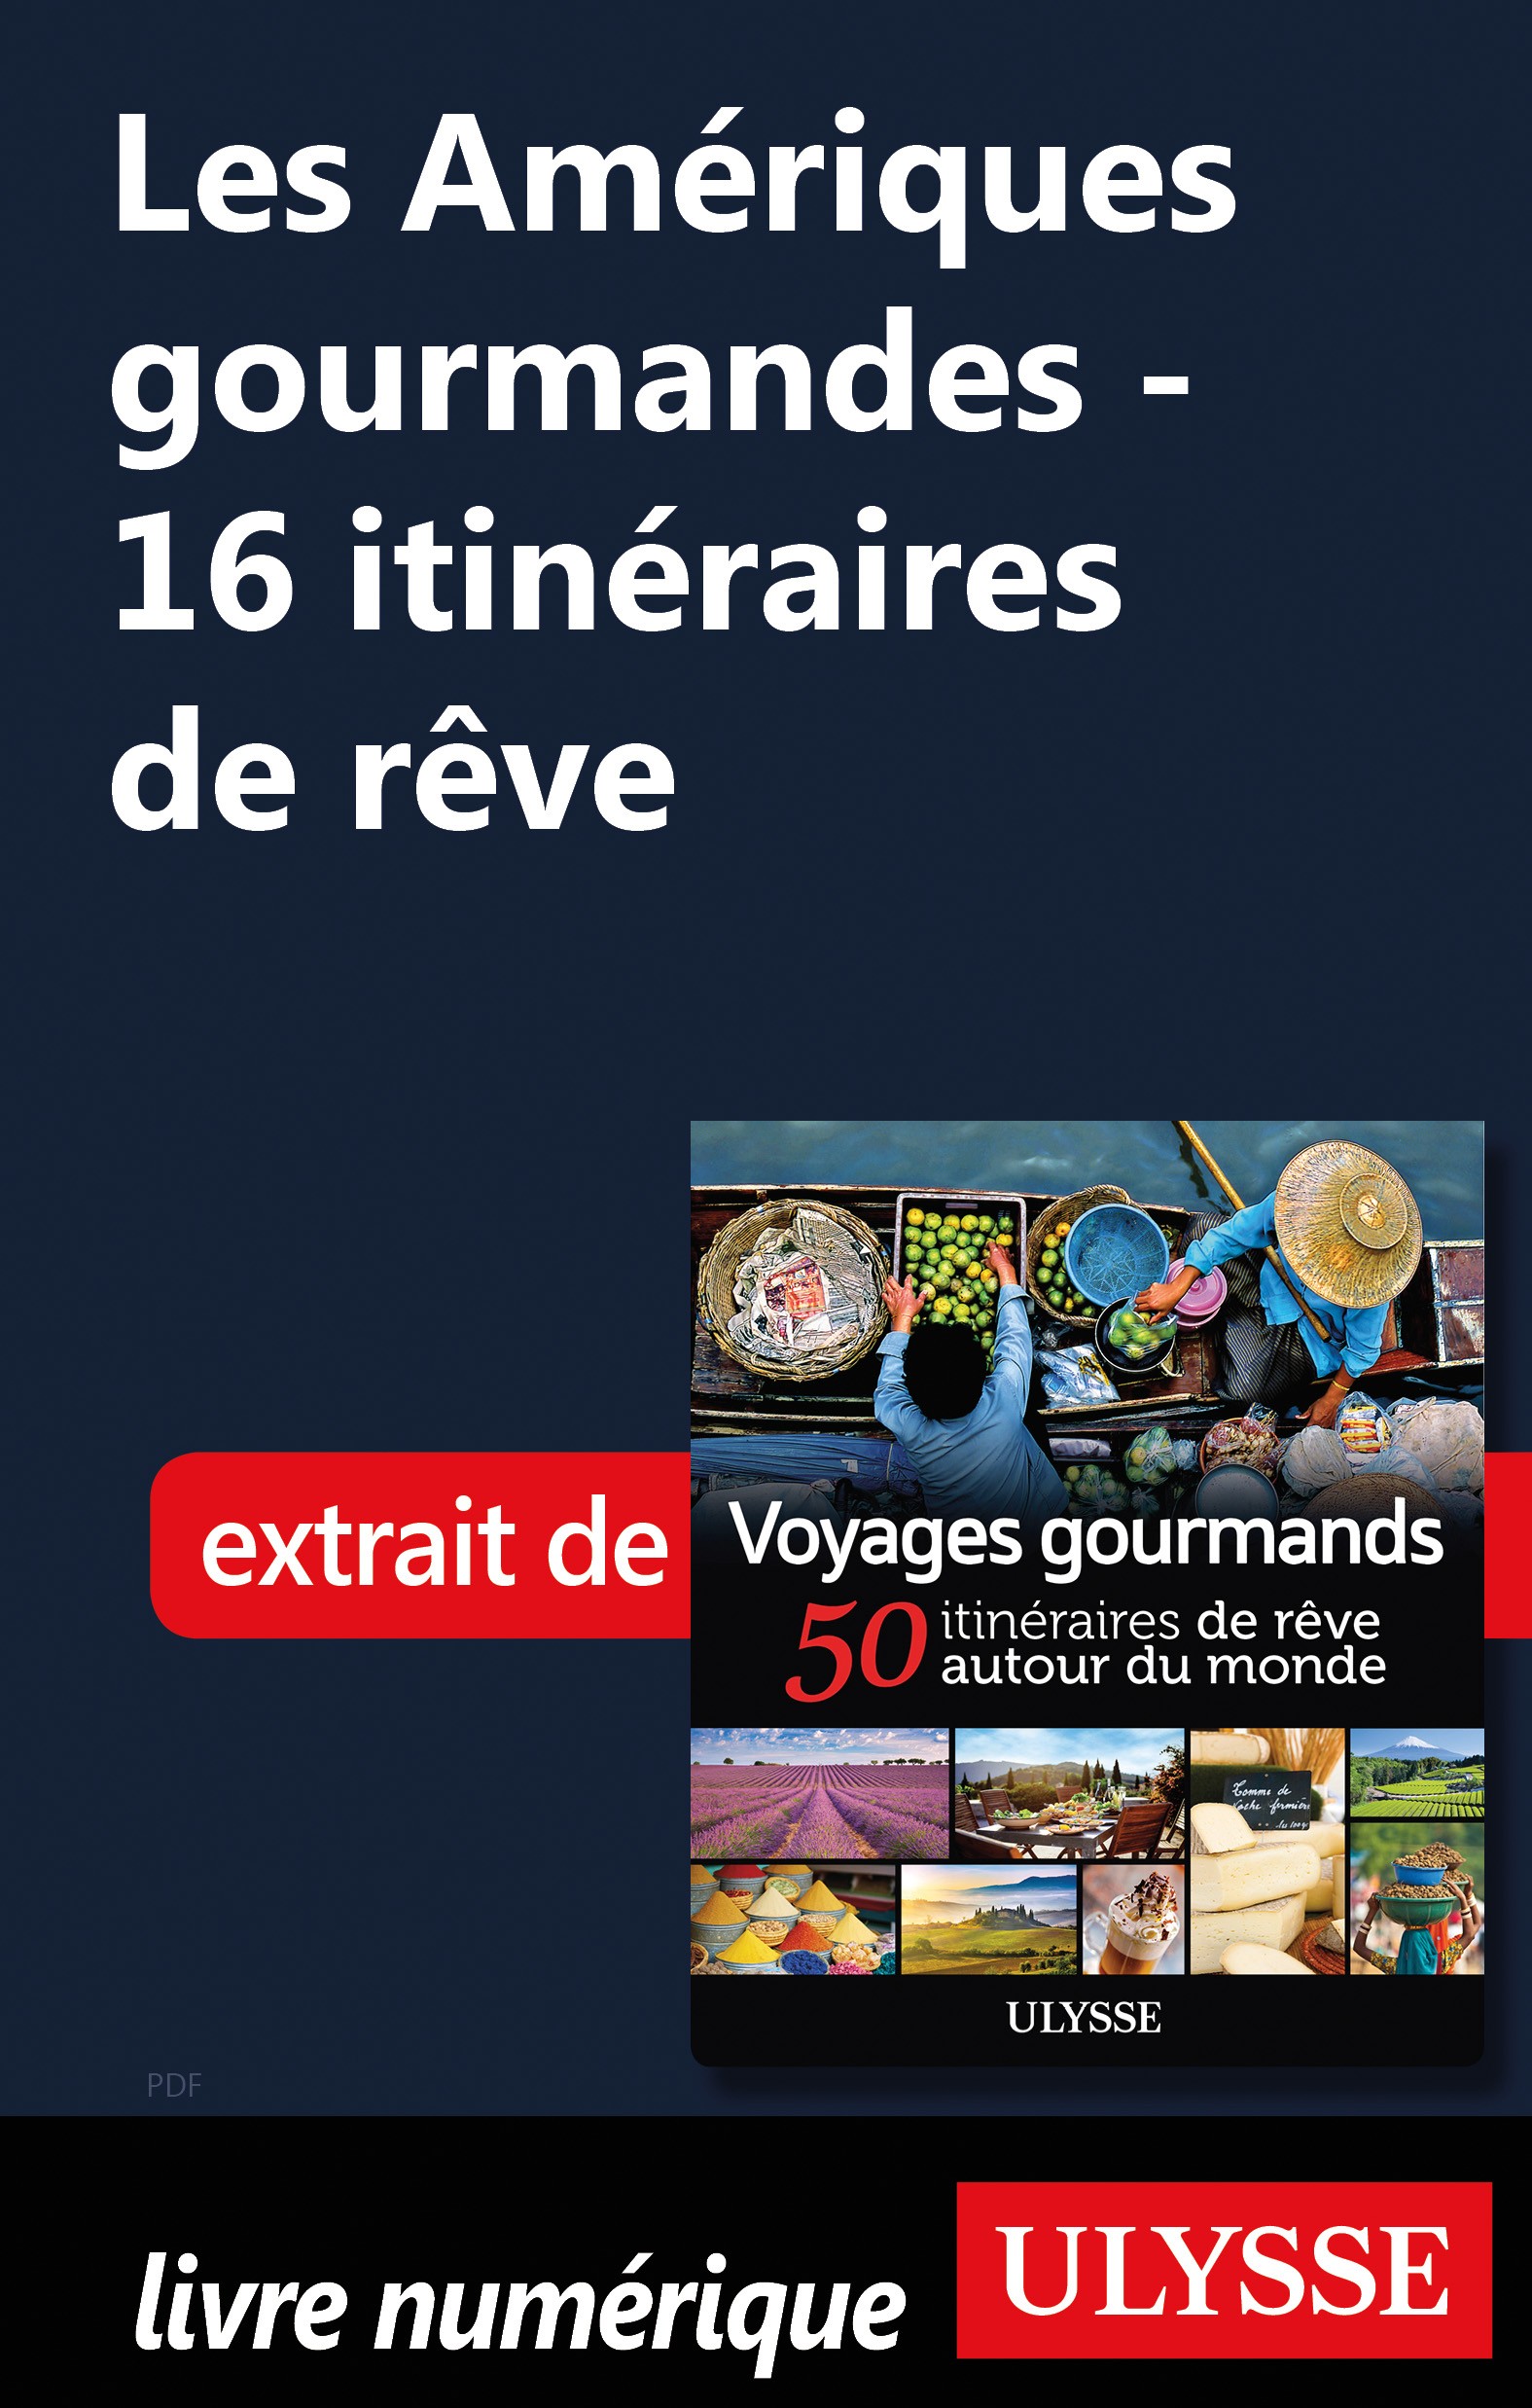 Les Amériques gourmandes - 16 itinéraires de rêve